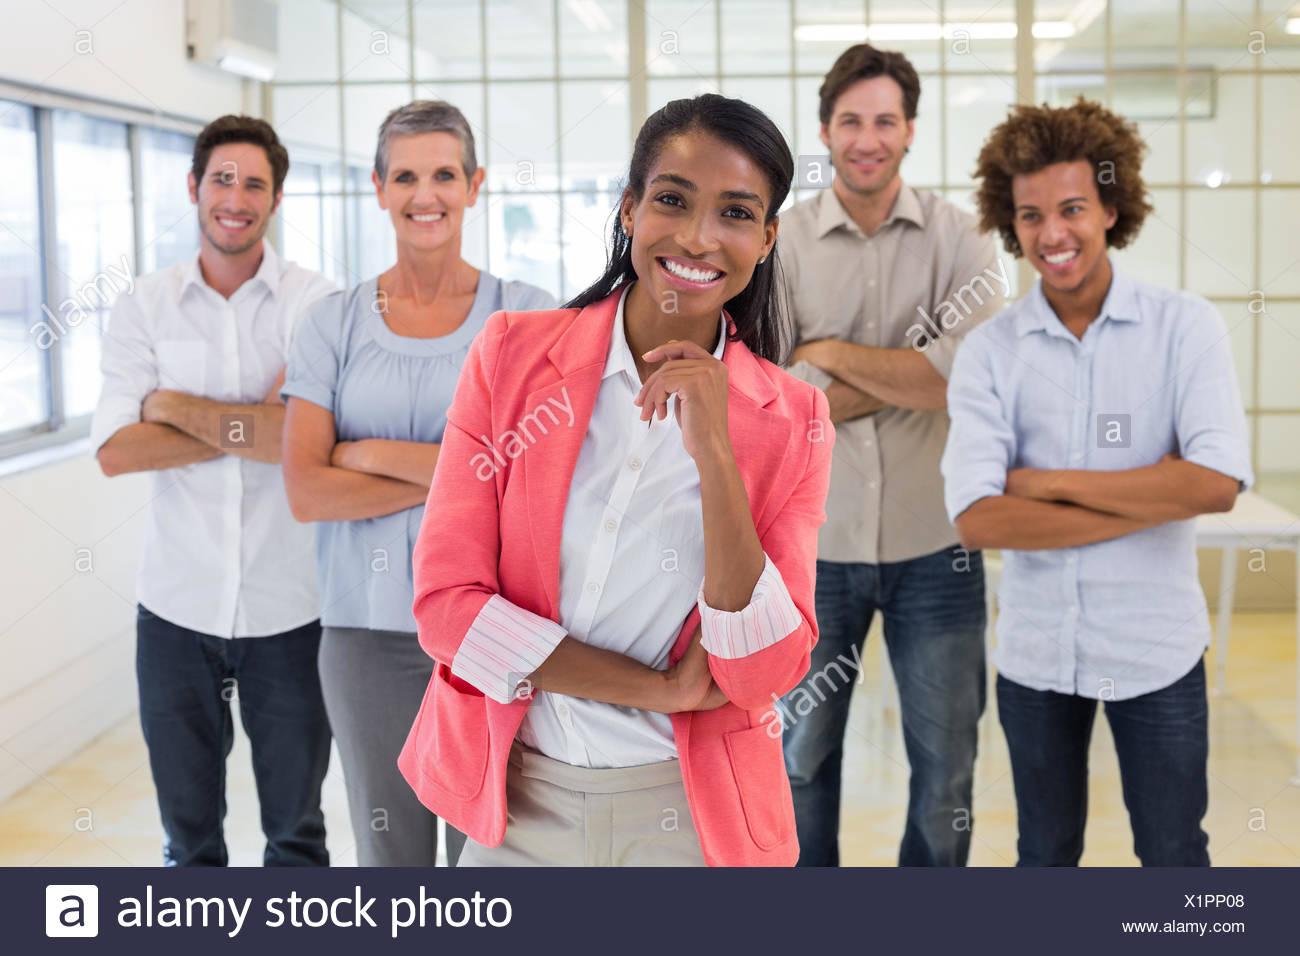 Los trabajadores estaban bien vestidos, con los brazos plegados sonriendo a la cámara Imagen De Stock